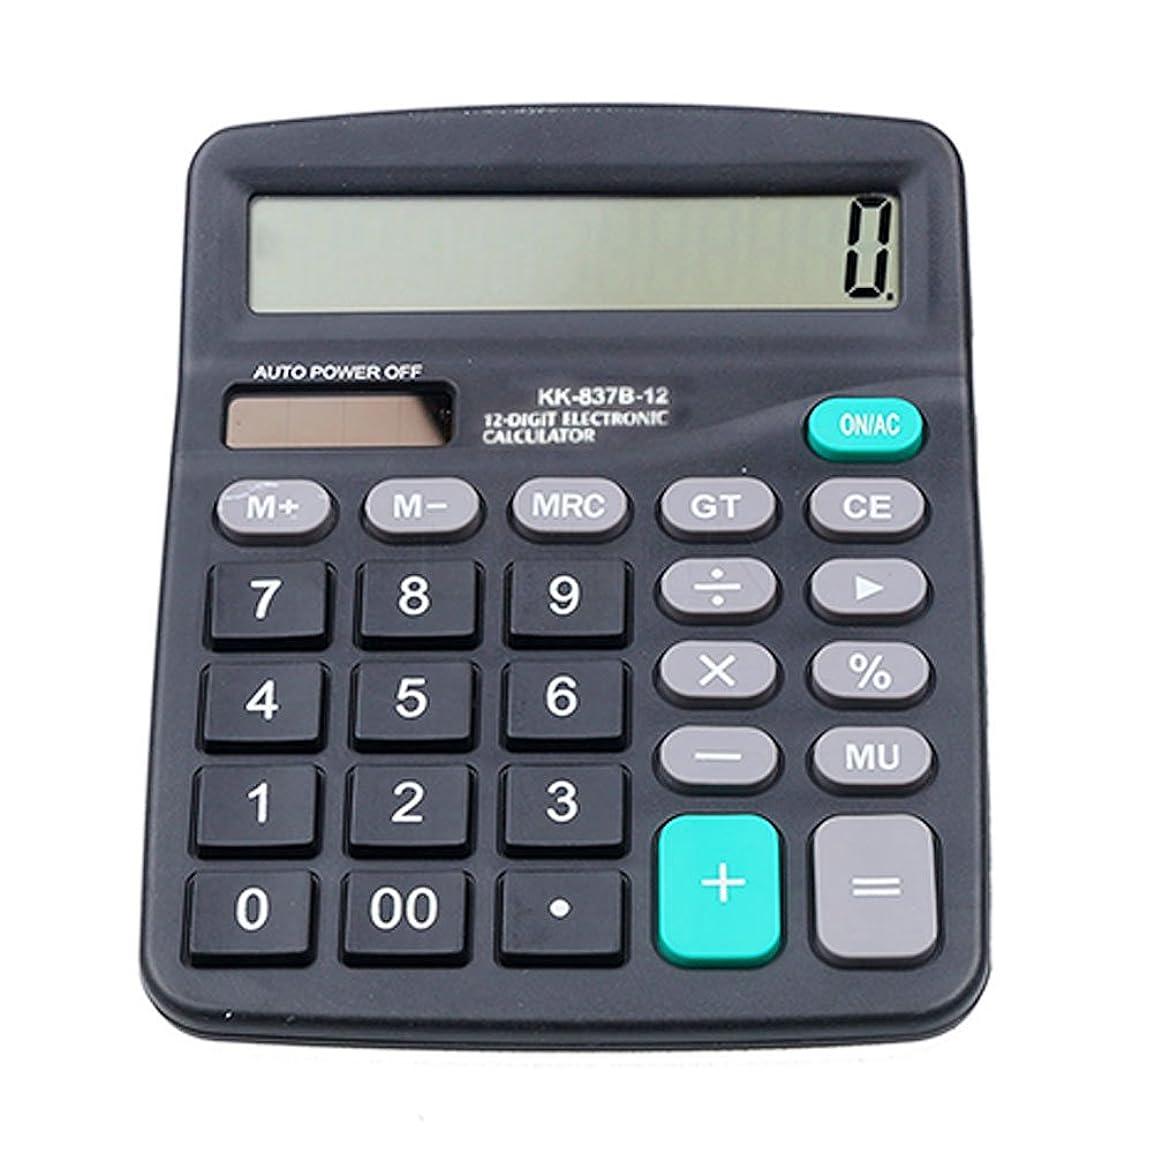 不格好印象的な口実オフィスデスクトップ電卓ソーラーと電子計算機ポータブルバッテリ電源12桁電卓、大型LCD表示147?x 118?mm